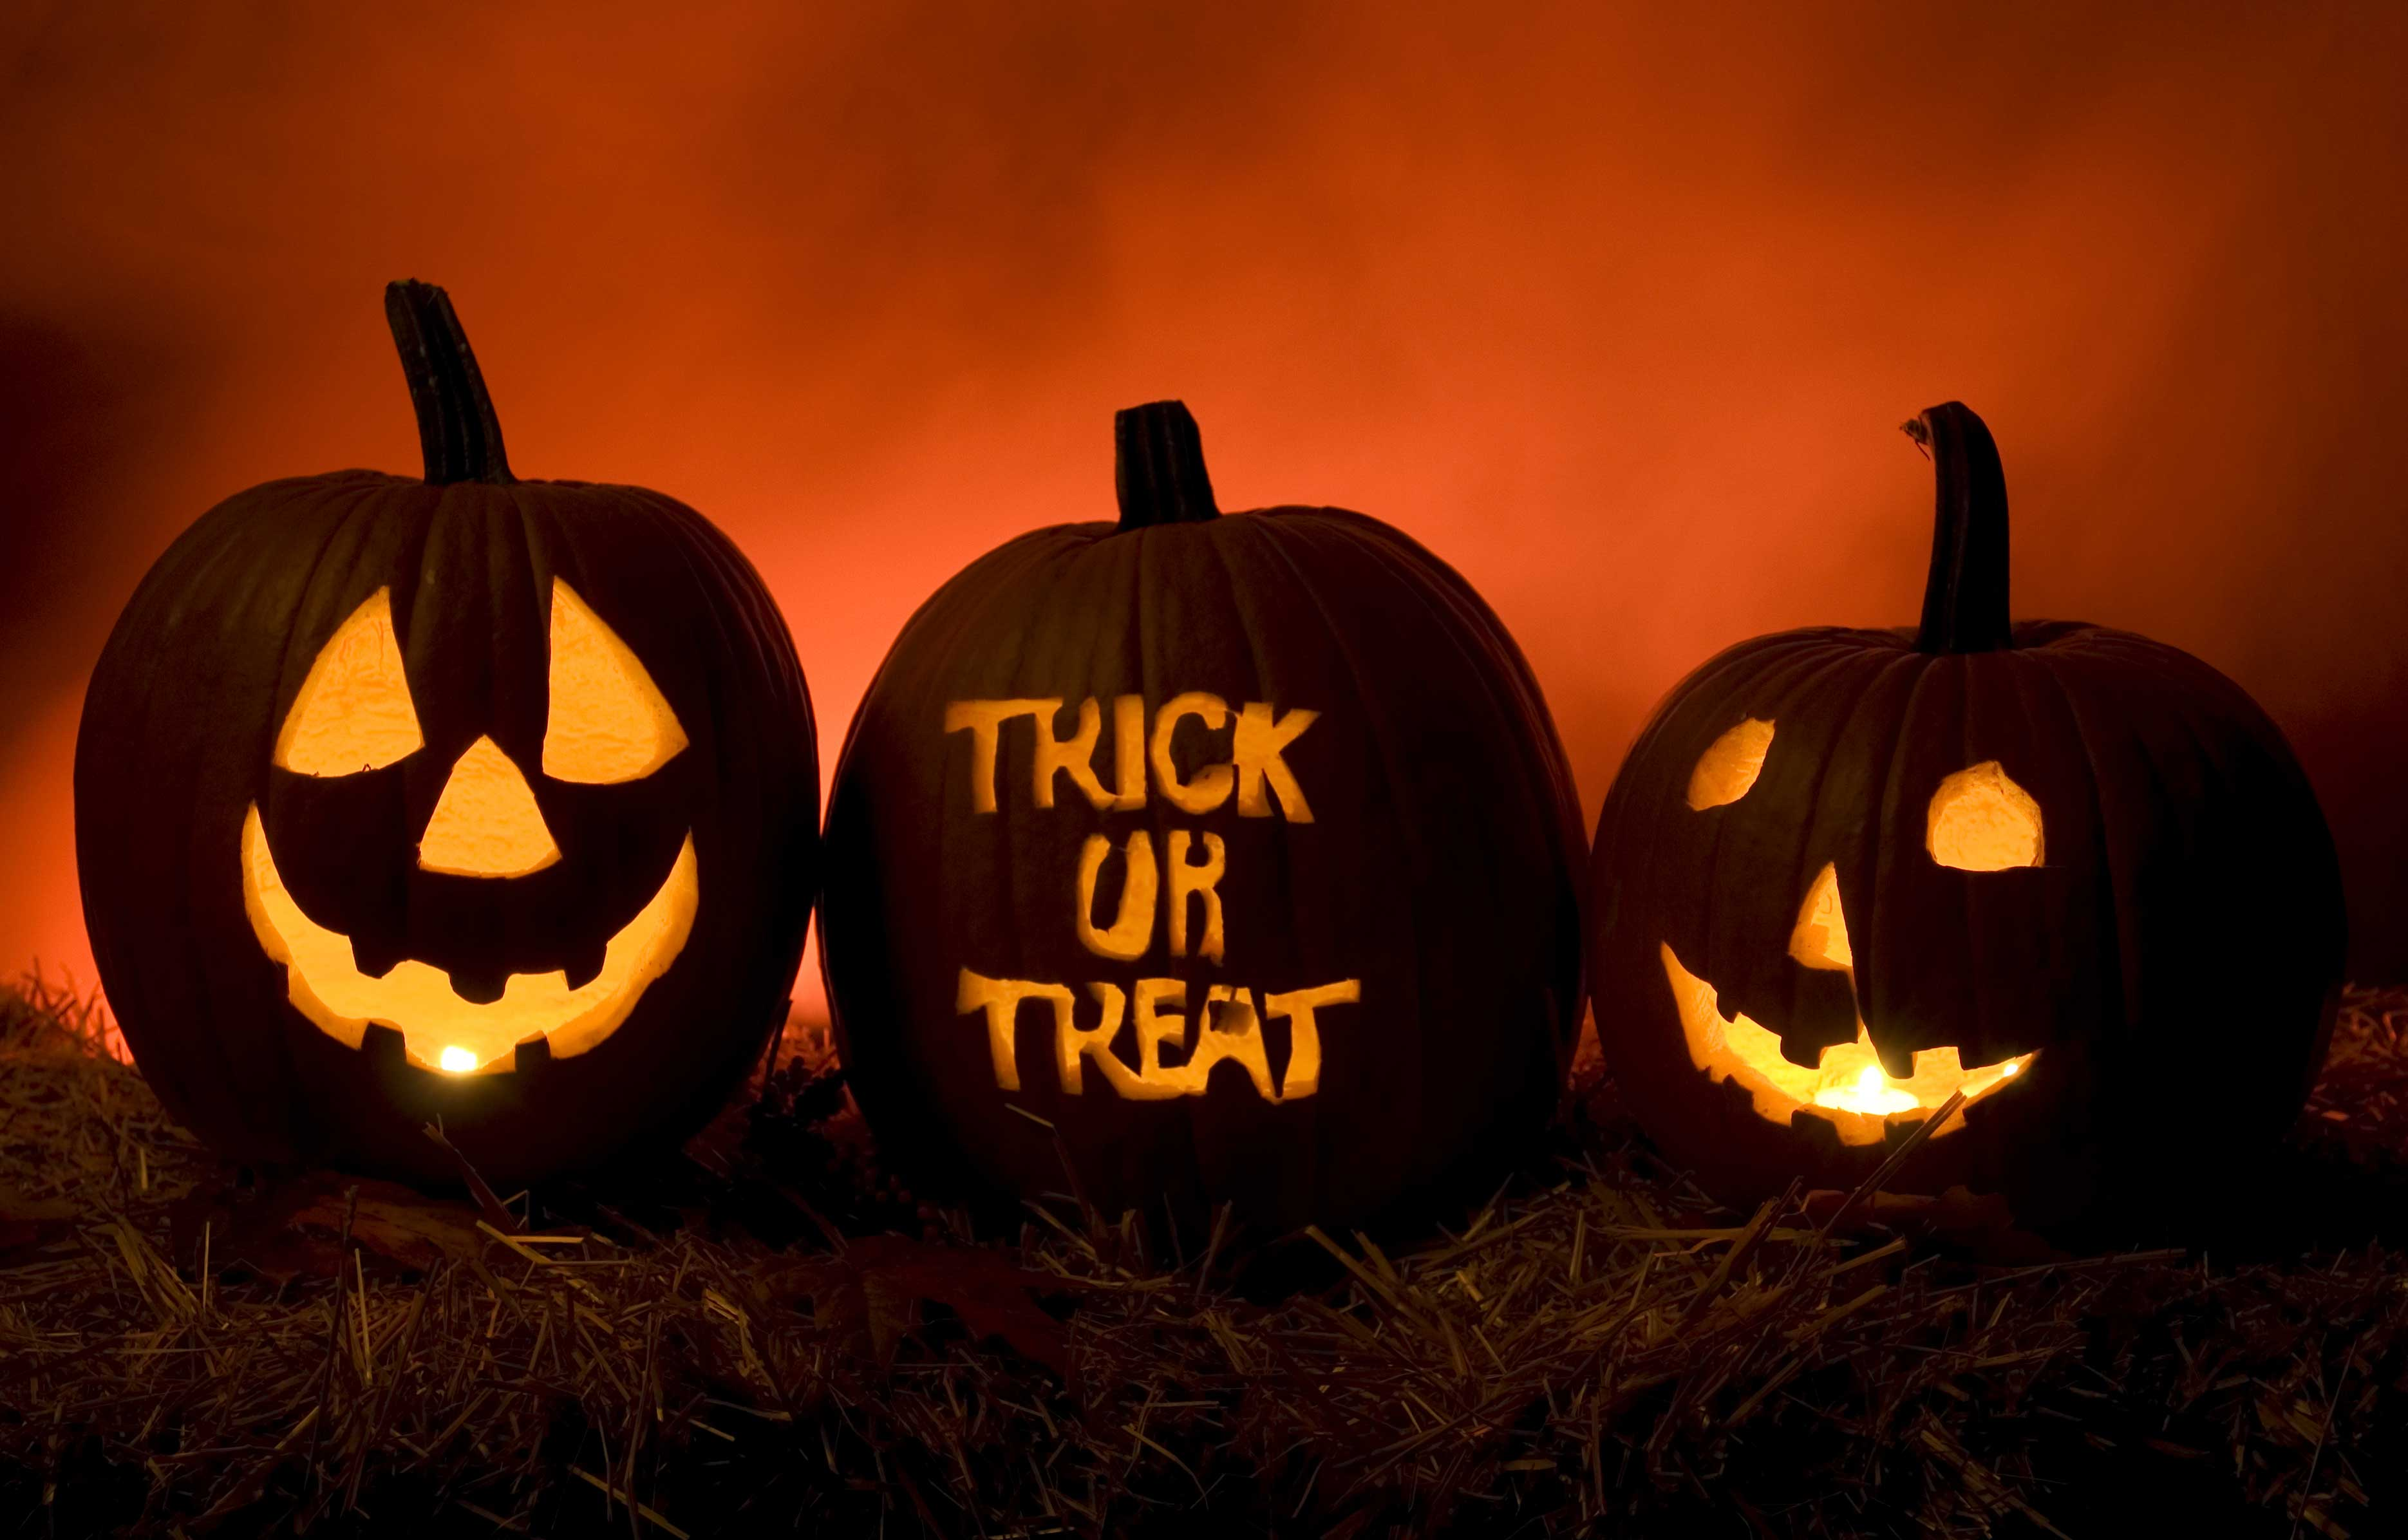 Afbeeldingsresultaat voor afbeelding halloween